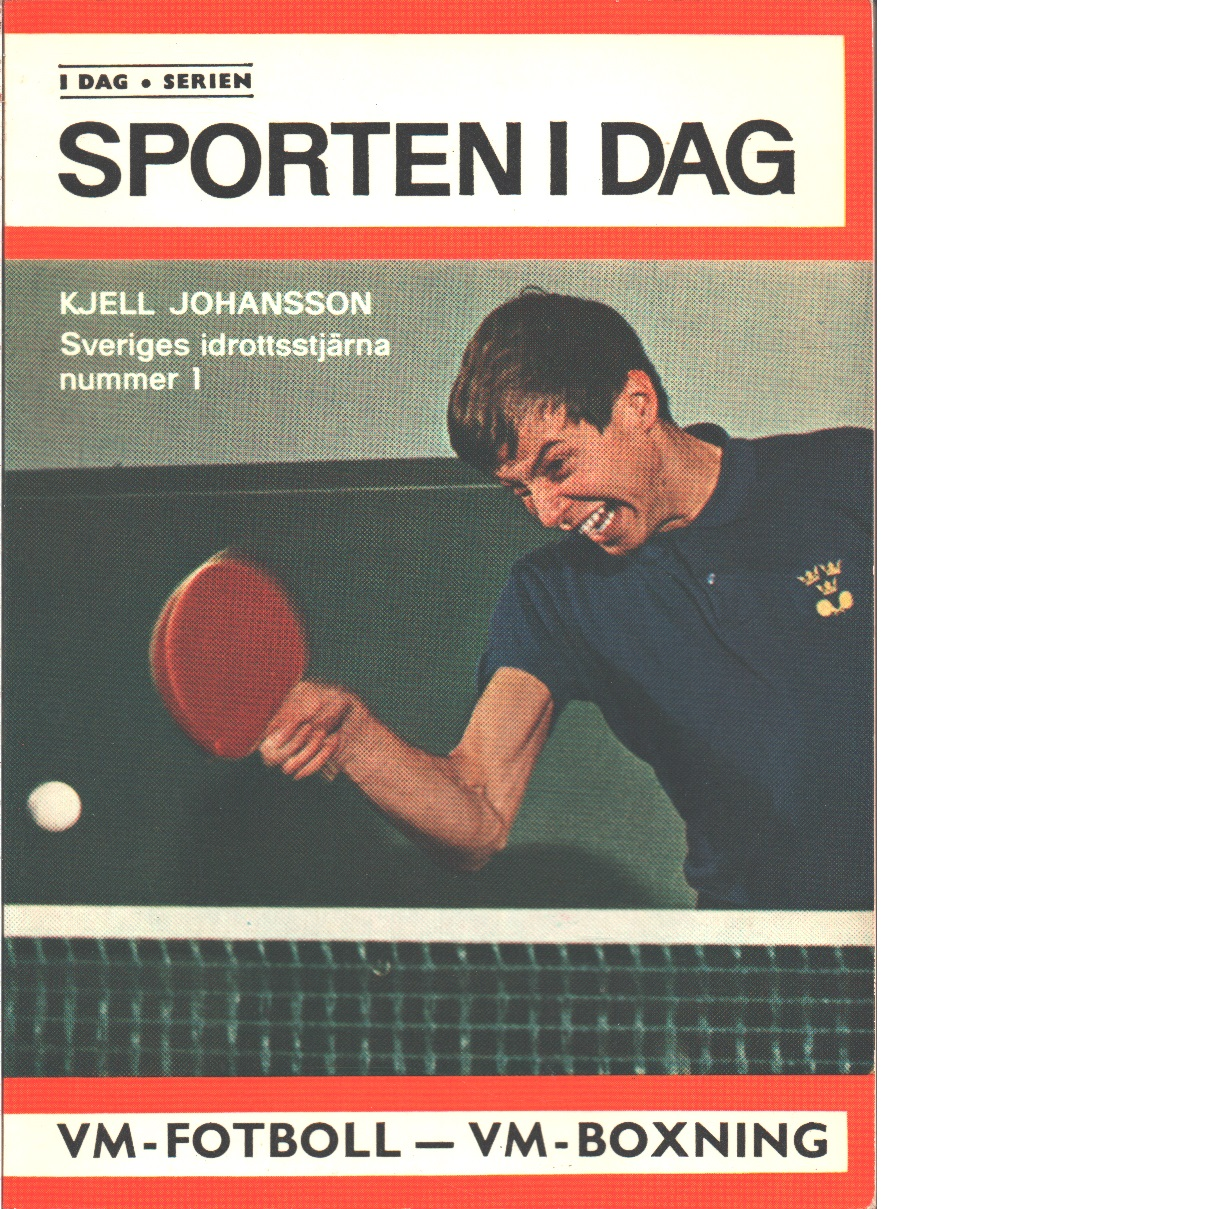 Sporten idag  1966-67 - Red.